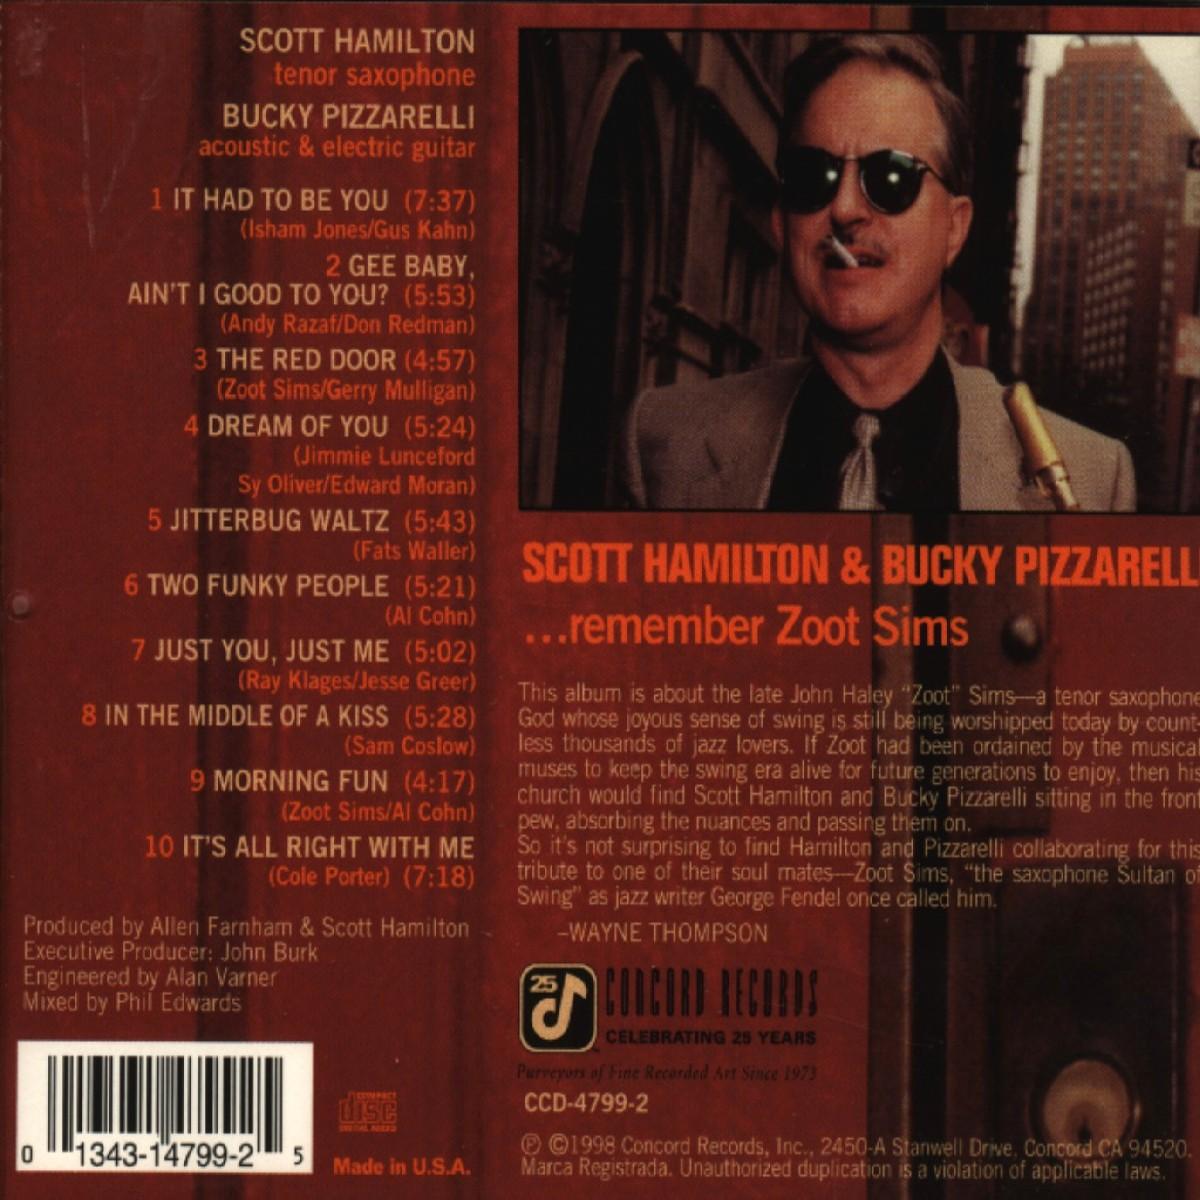 Scott Hamilton Bucky Pizzarelli The Red Door Member Zoot